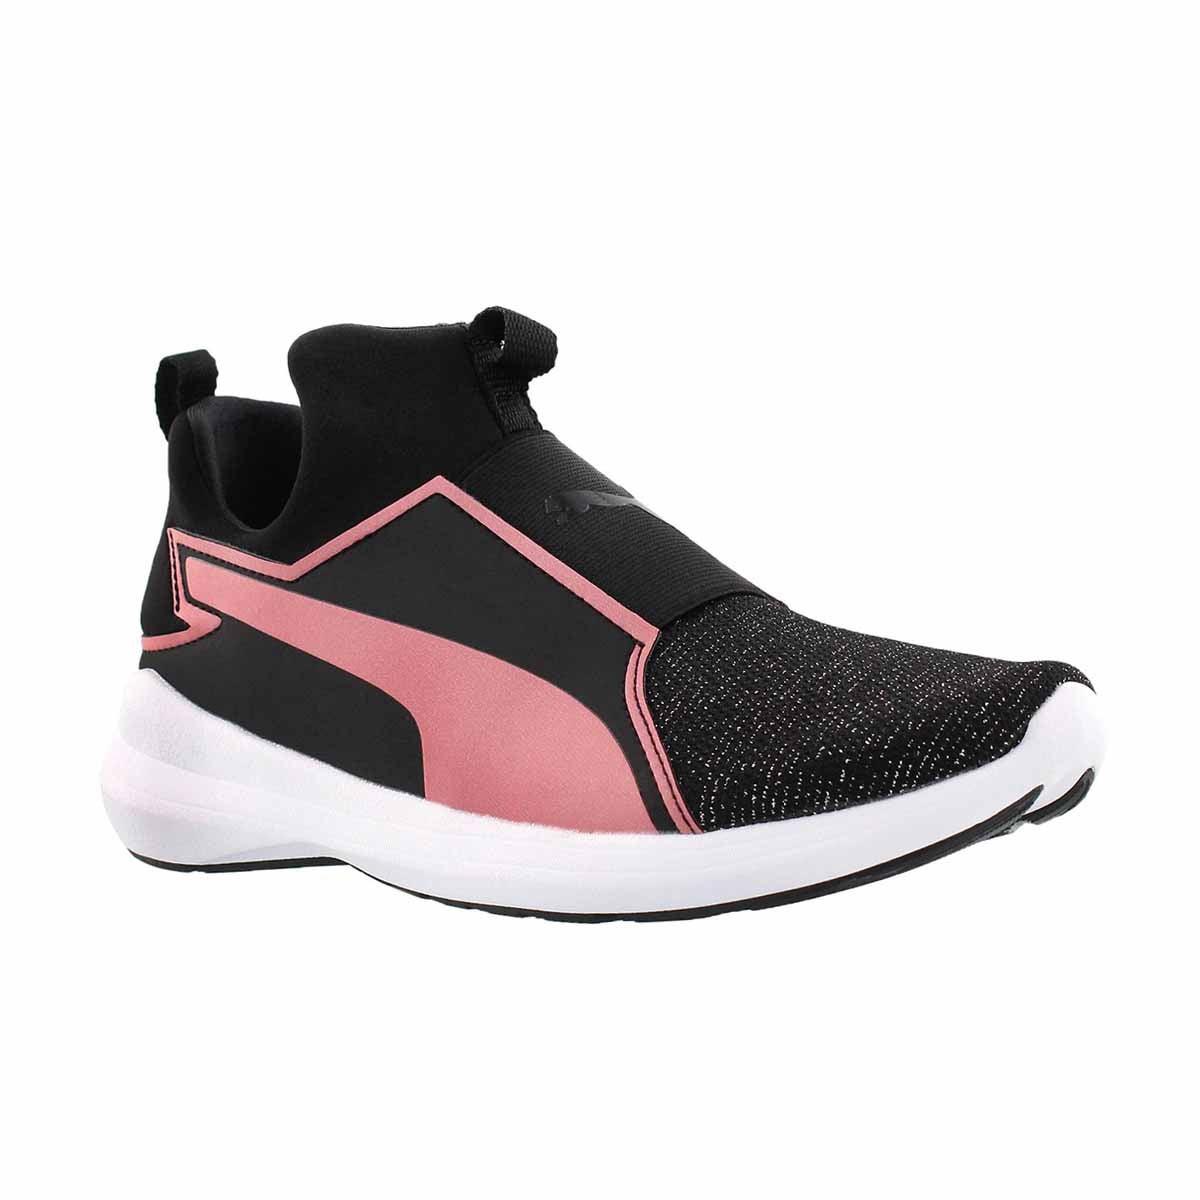 Girls' REBEL MID GLEAM JR black/pink slip sneakers